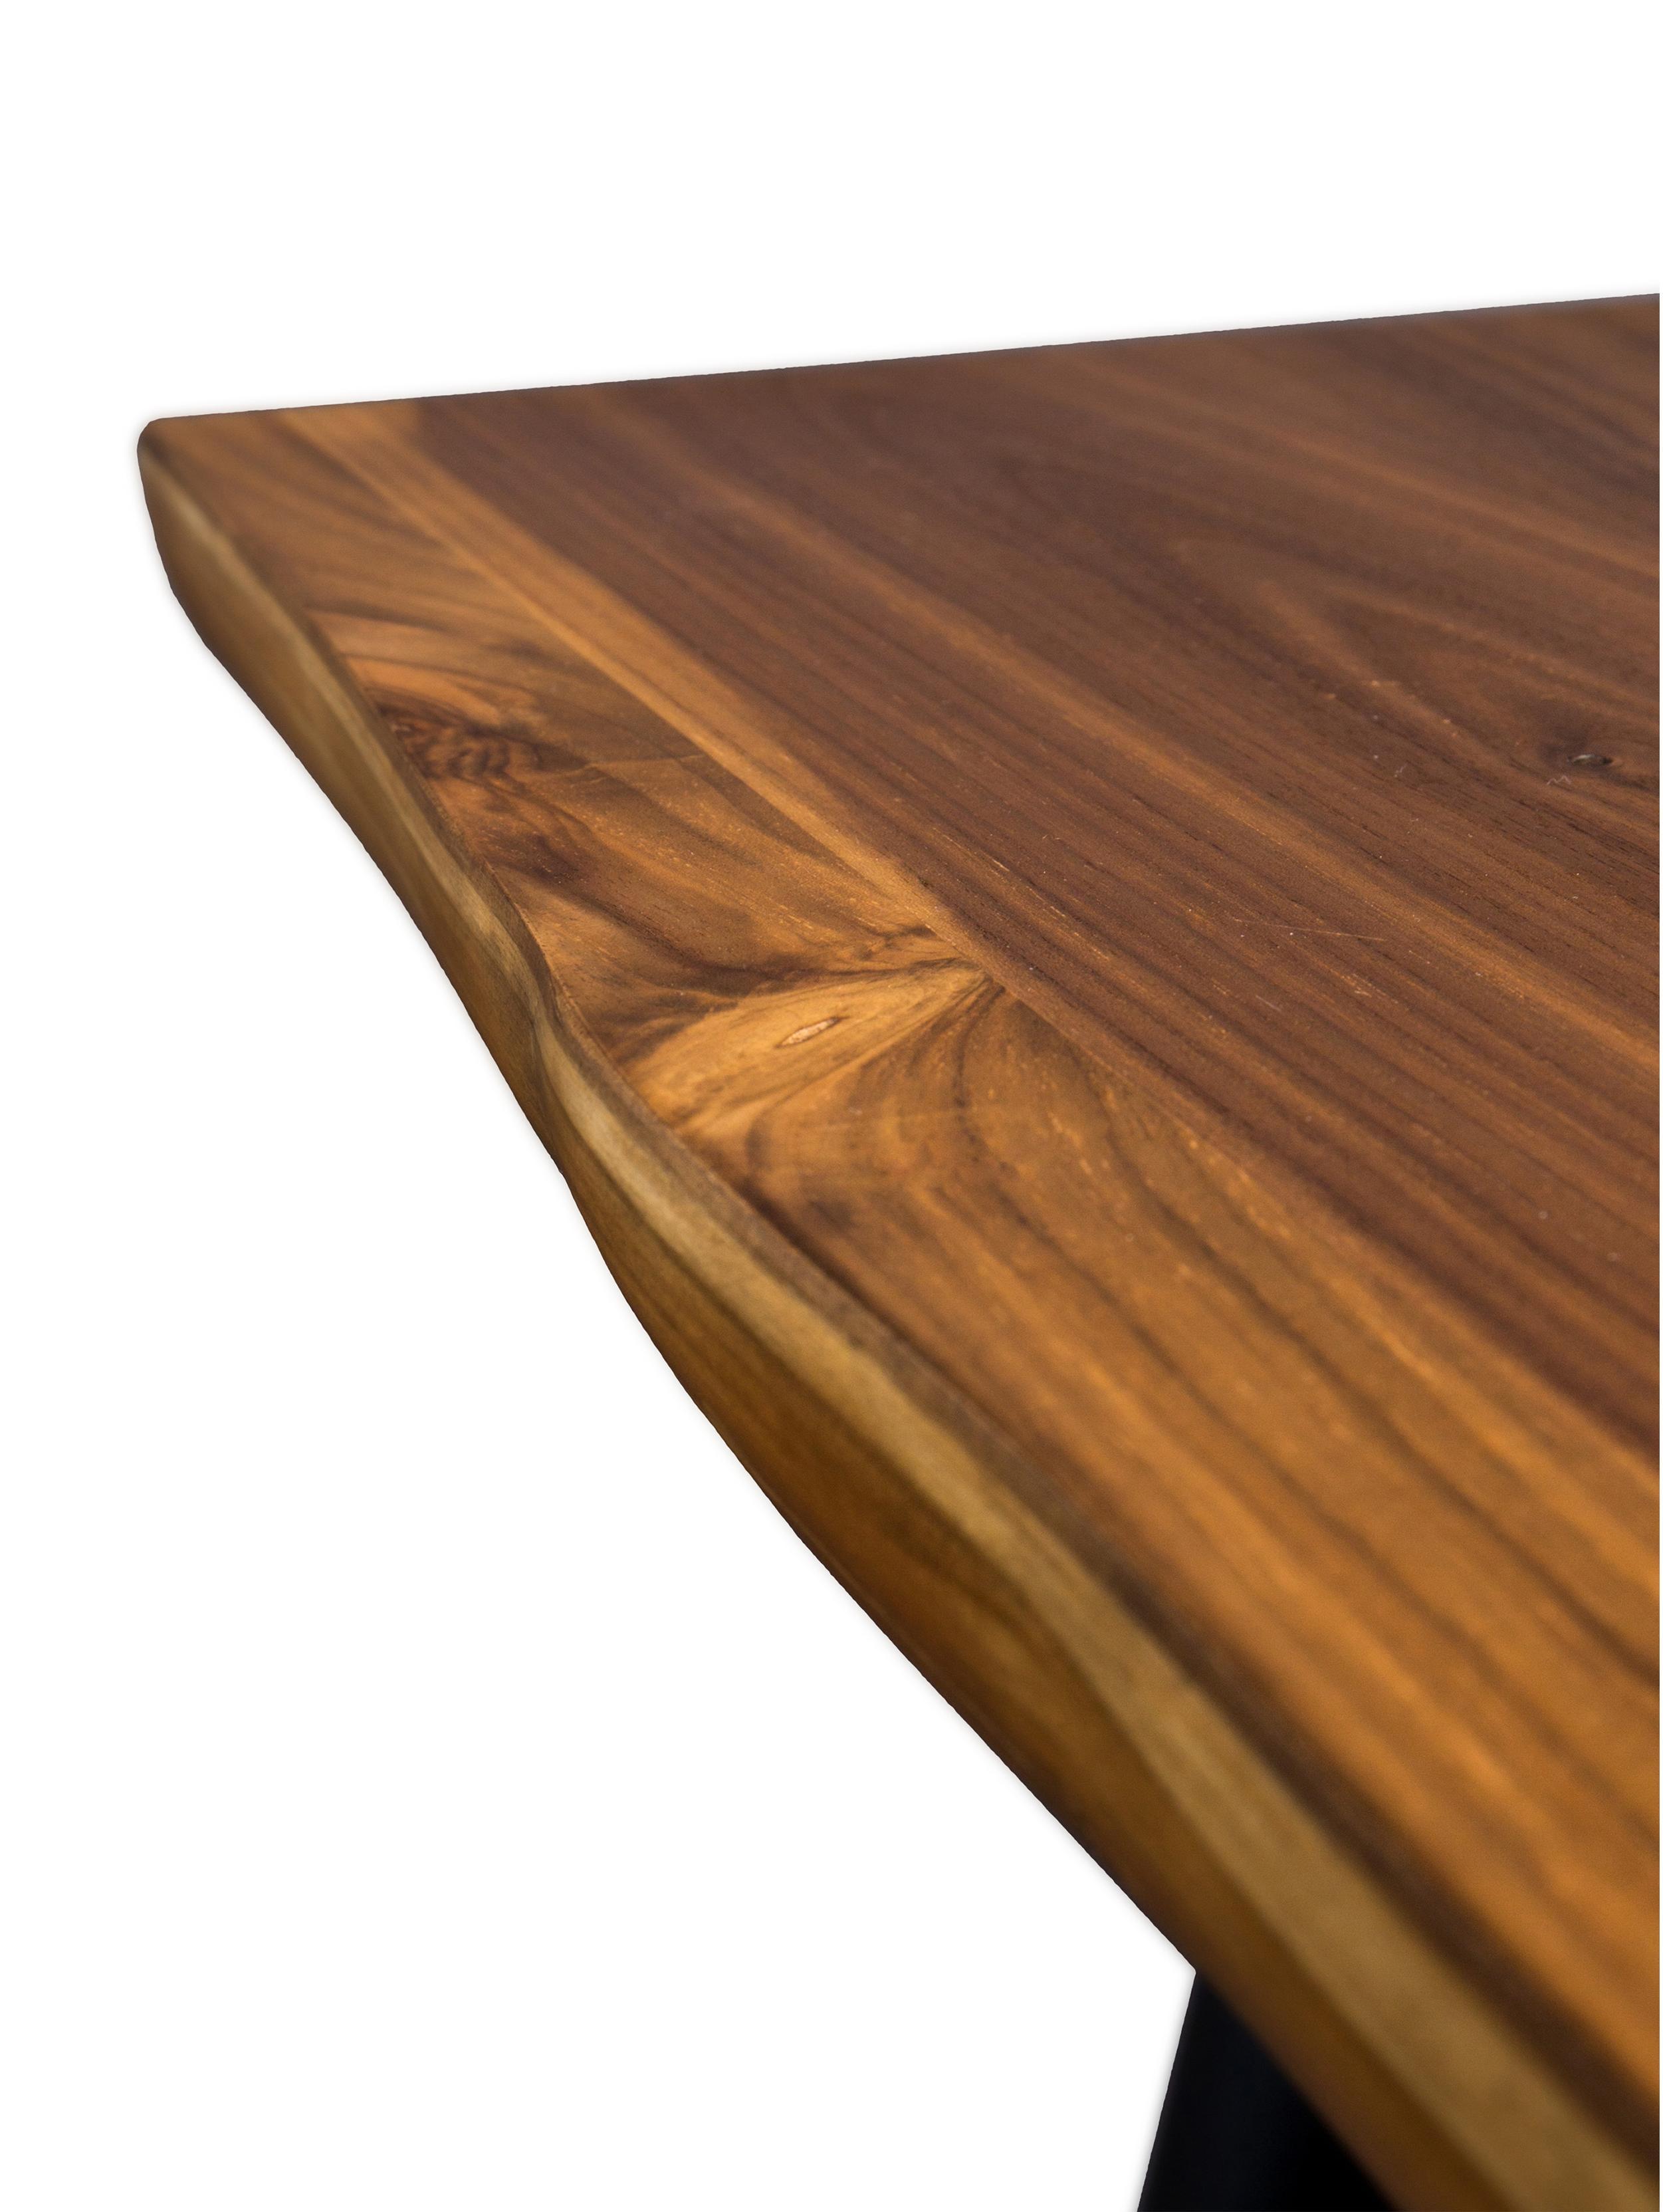 Esstisch Alagon mit Baumkante, Tischplatte: Mitteldichte Holzfaserpla, Beine: Stahl, pulverbeschichtet, Walnuss, B 160 x T 90 cm